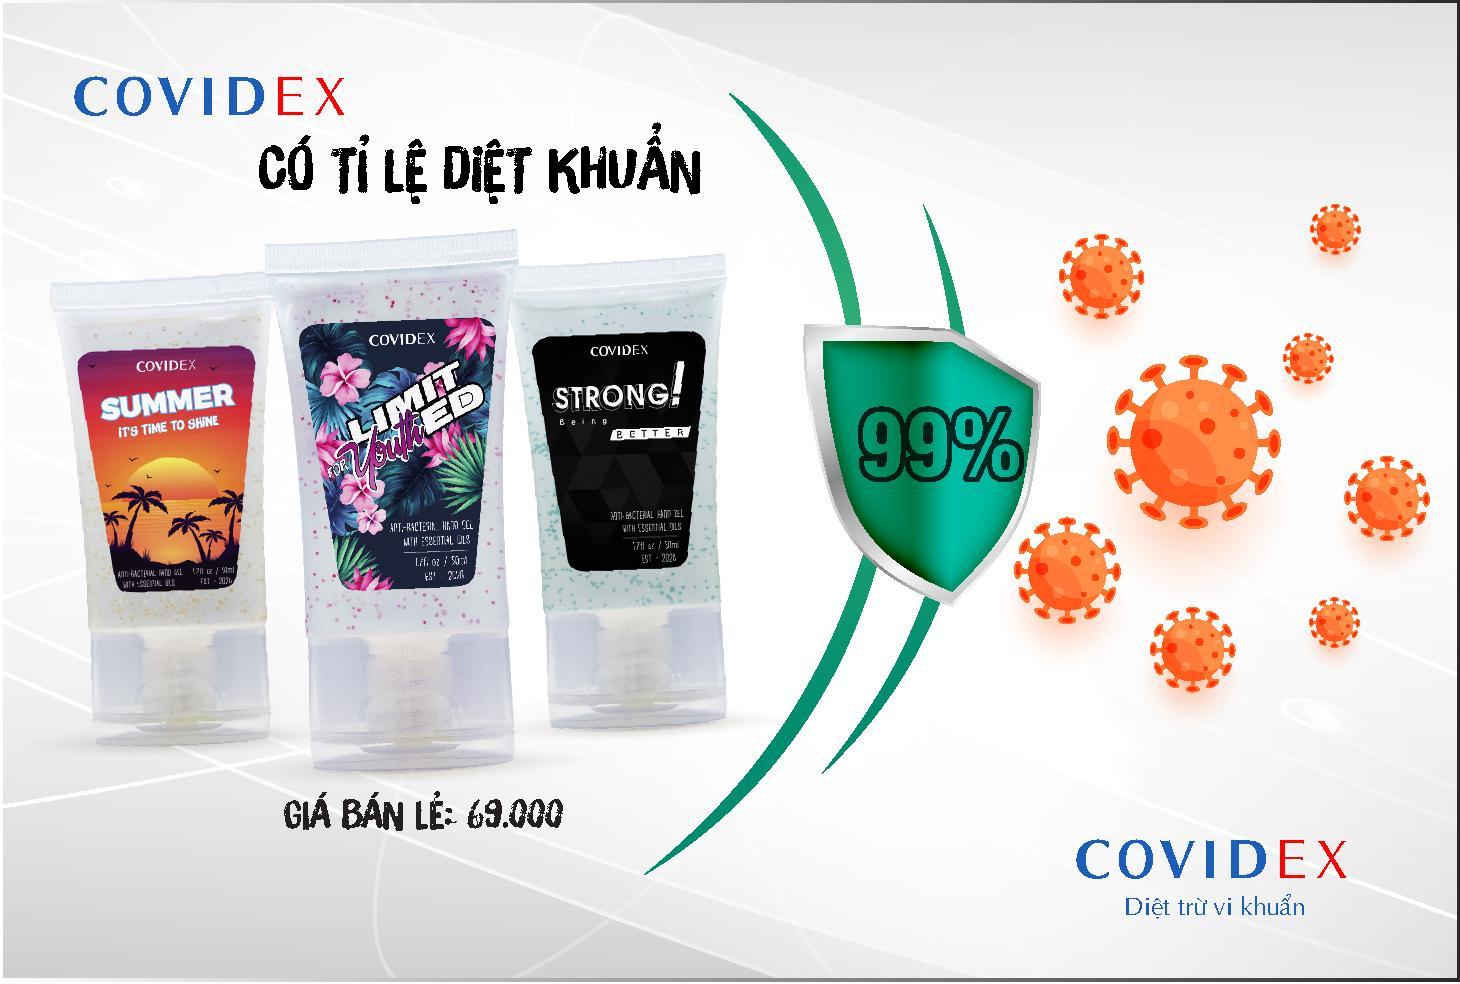 Diệt khuẩn hiệu quả và giữ ẩm da tay với hạt Vitamin và Glycerin